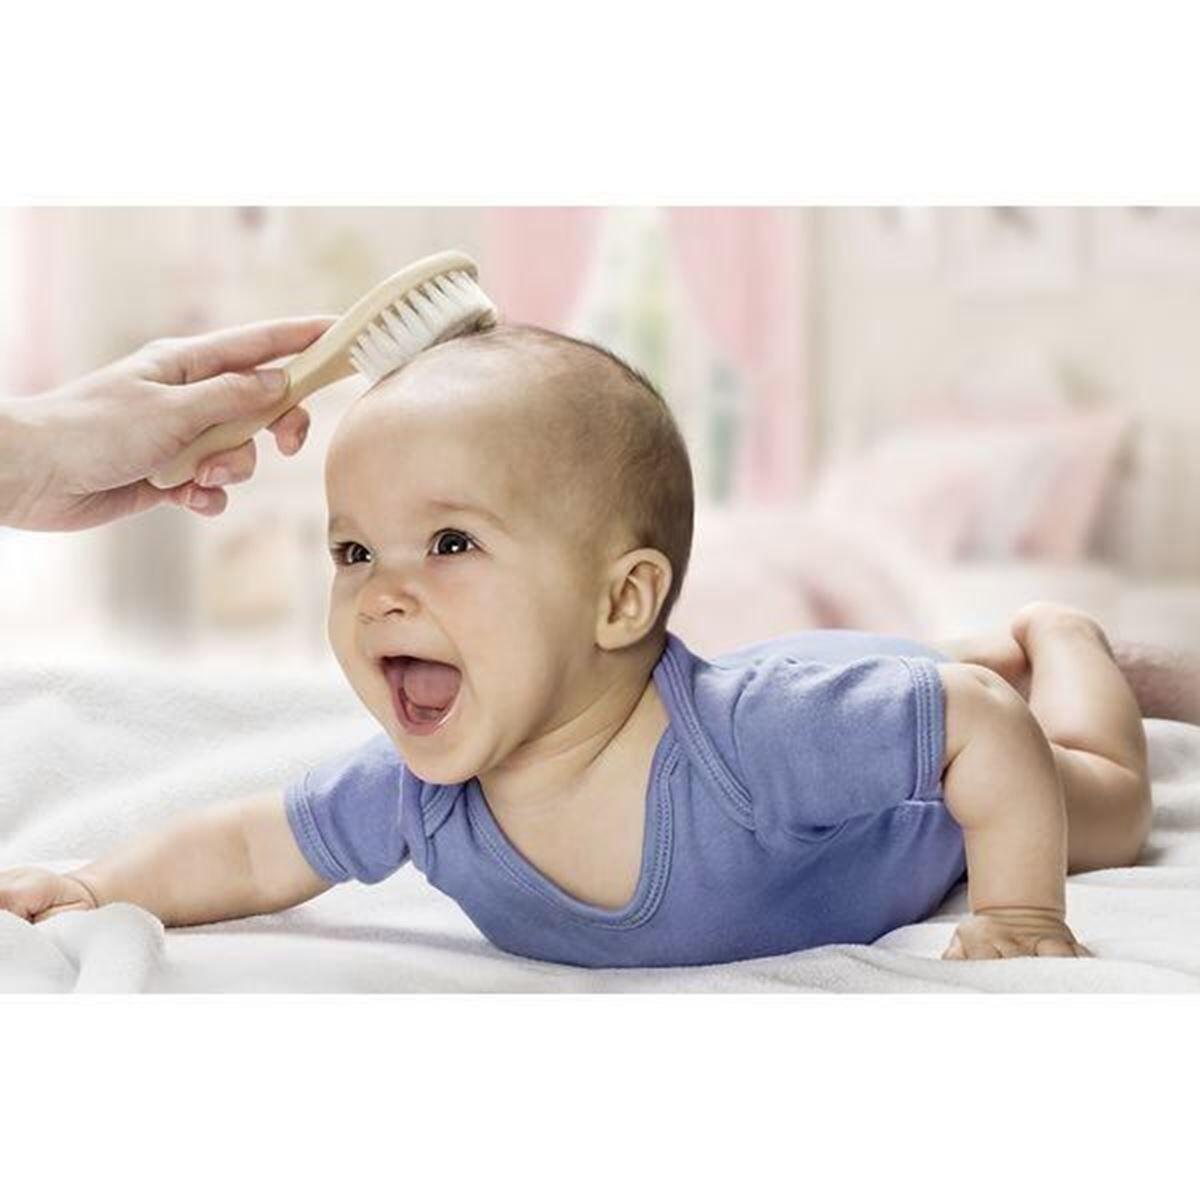 REER Naturbrste for baby